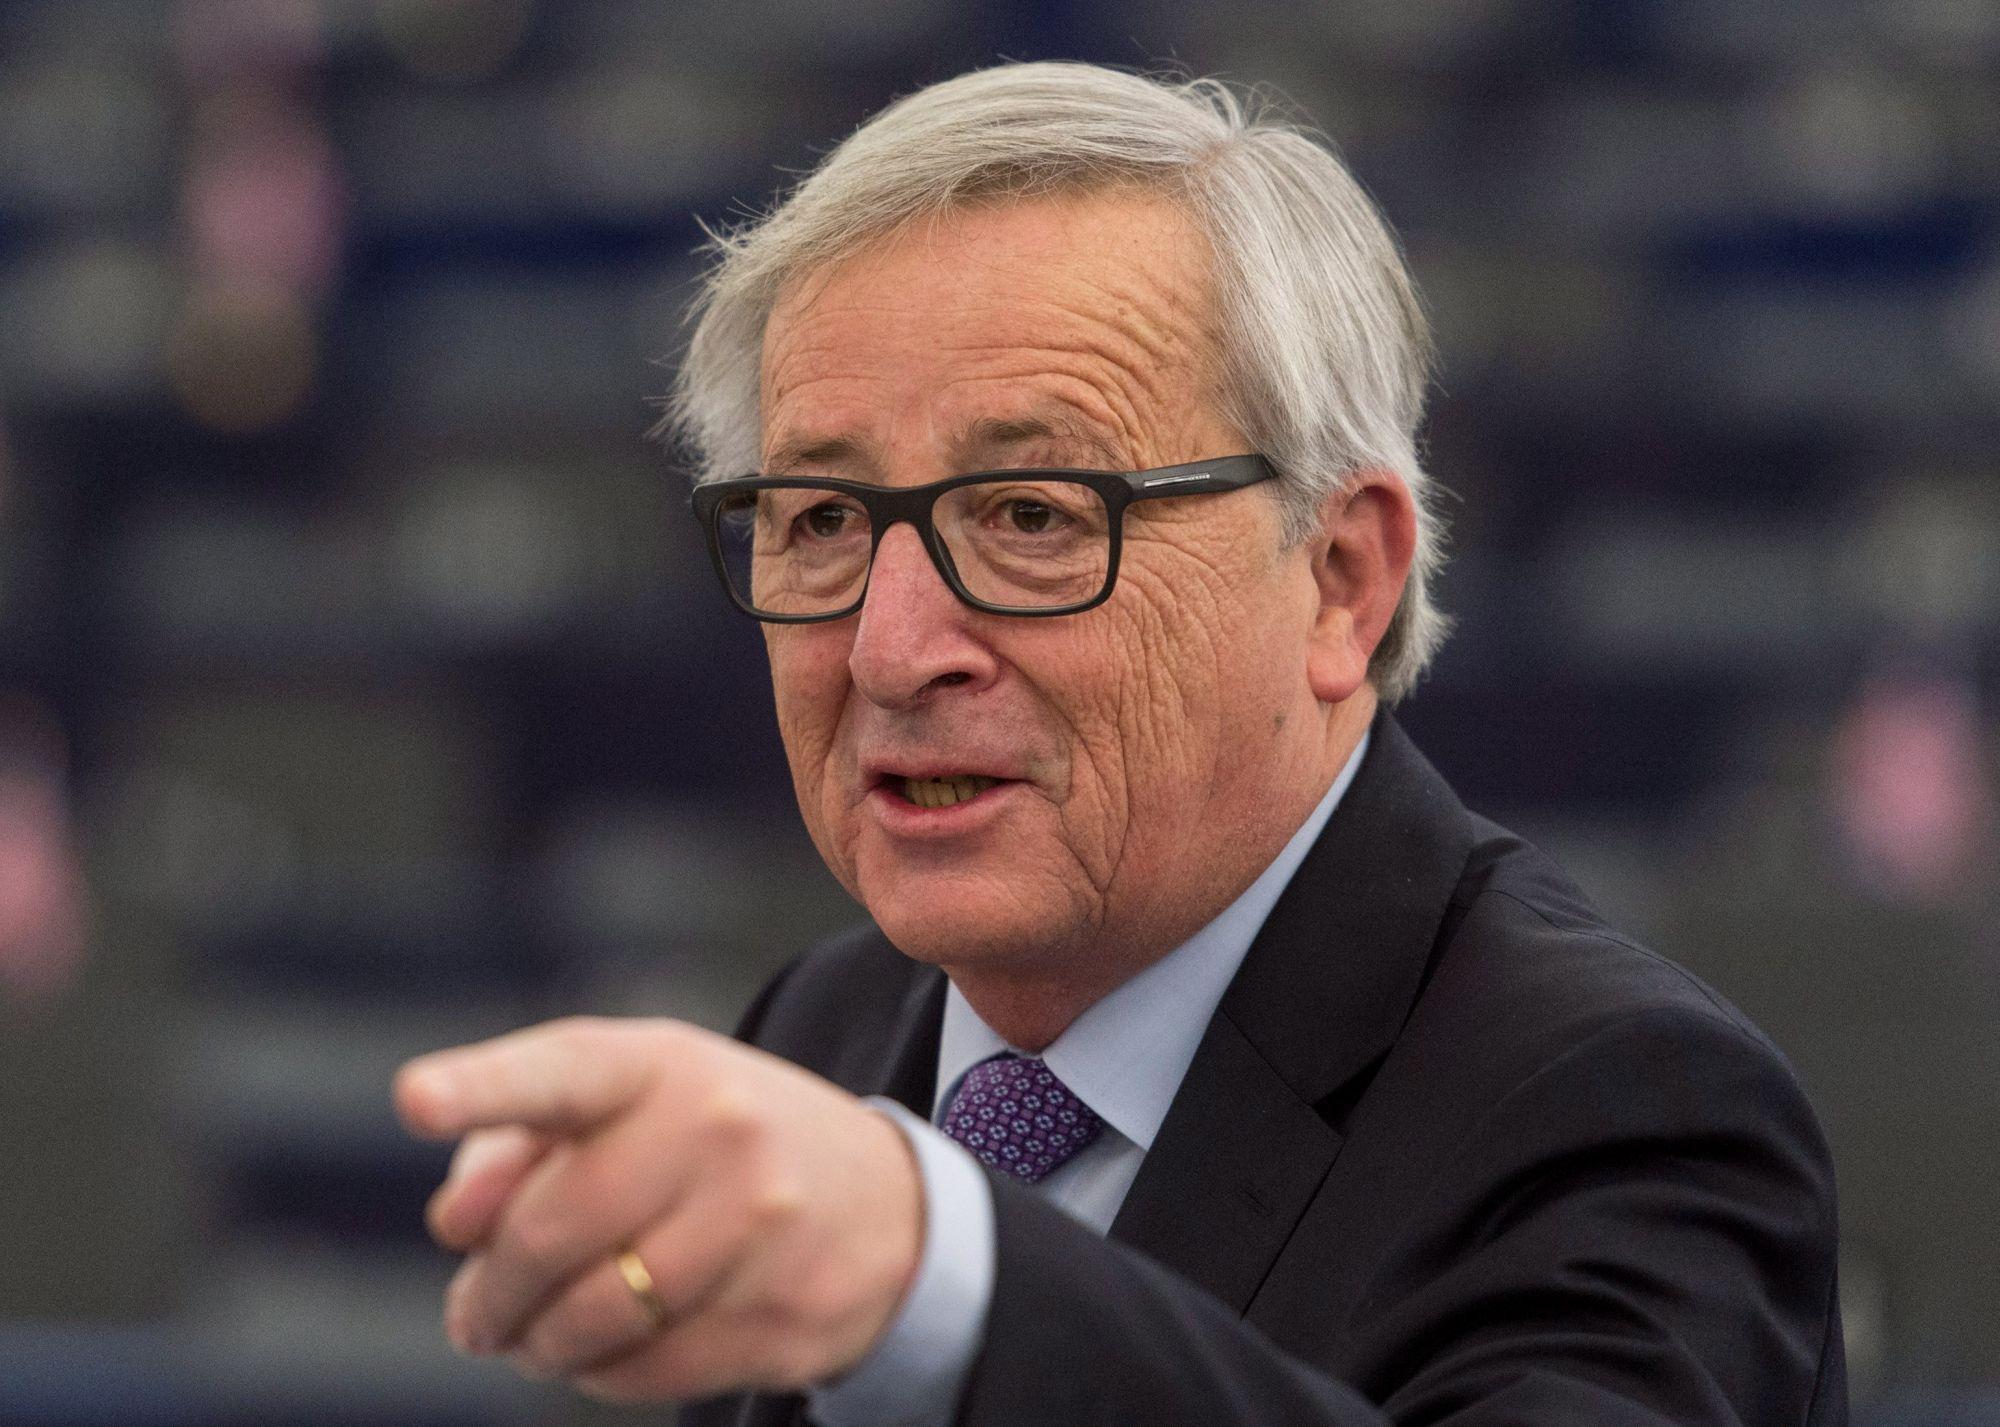 Jean-Claude Juncker, az Európai Bizottság elnöke felszólal az Európai Parlament plenáris ülésén Strasbourgban 2018. január 16-án.  (MTI/EPA/Patrick Seeger)